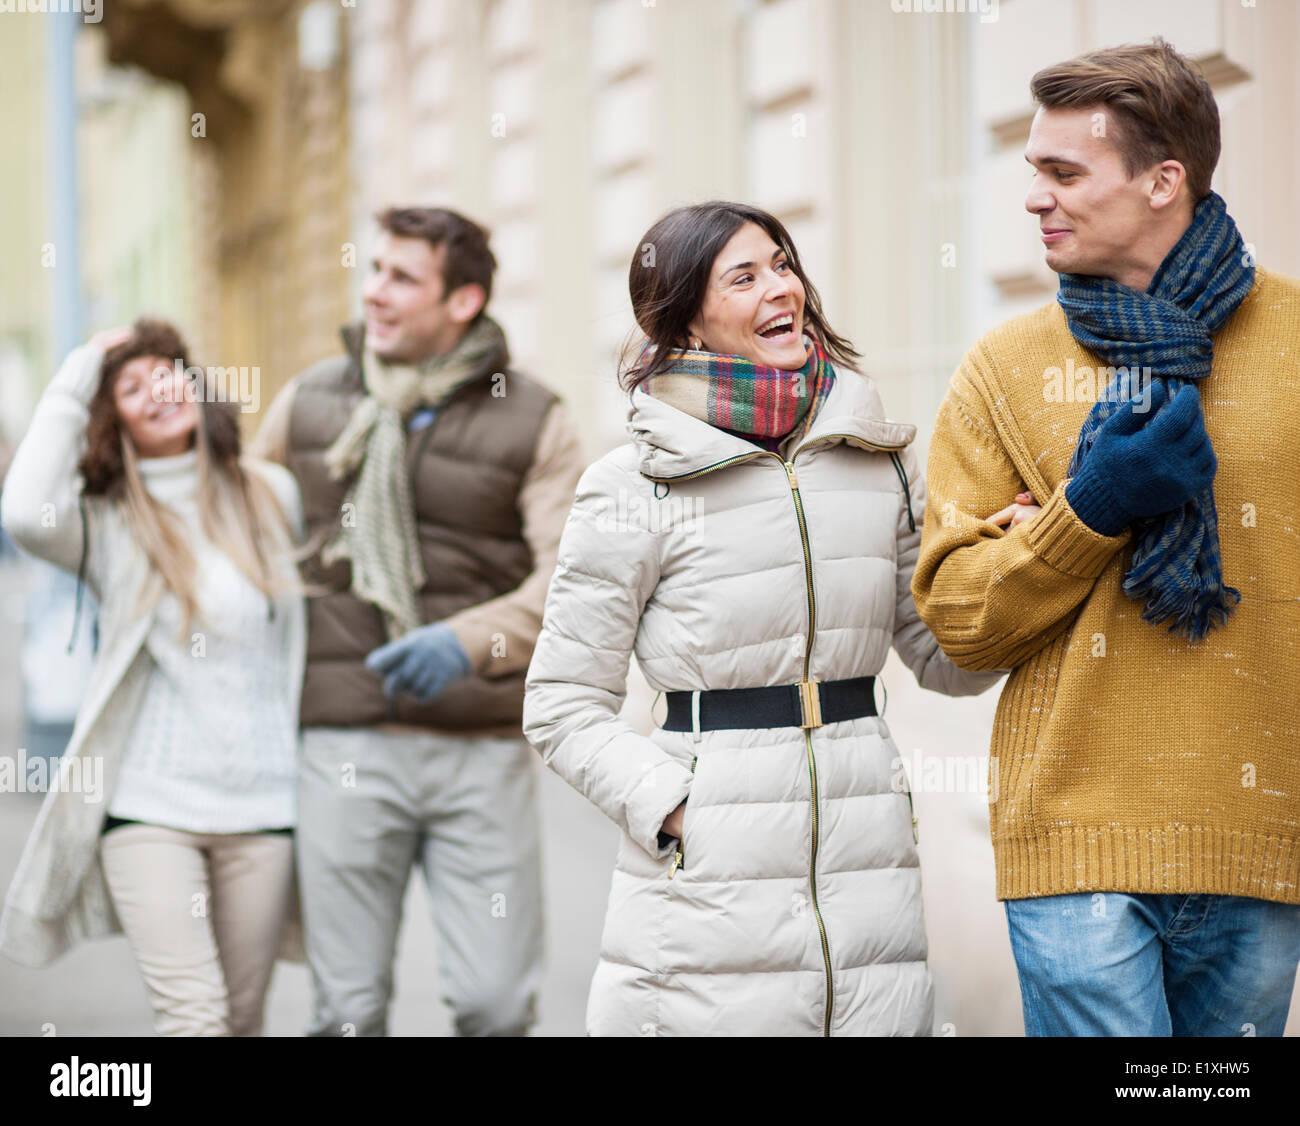 Les couples heureux en profitant des vêtements chauds locations Photo Stock